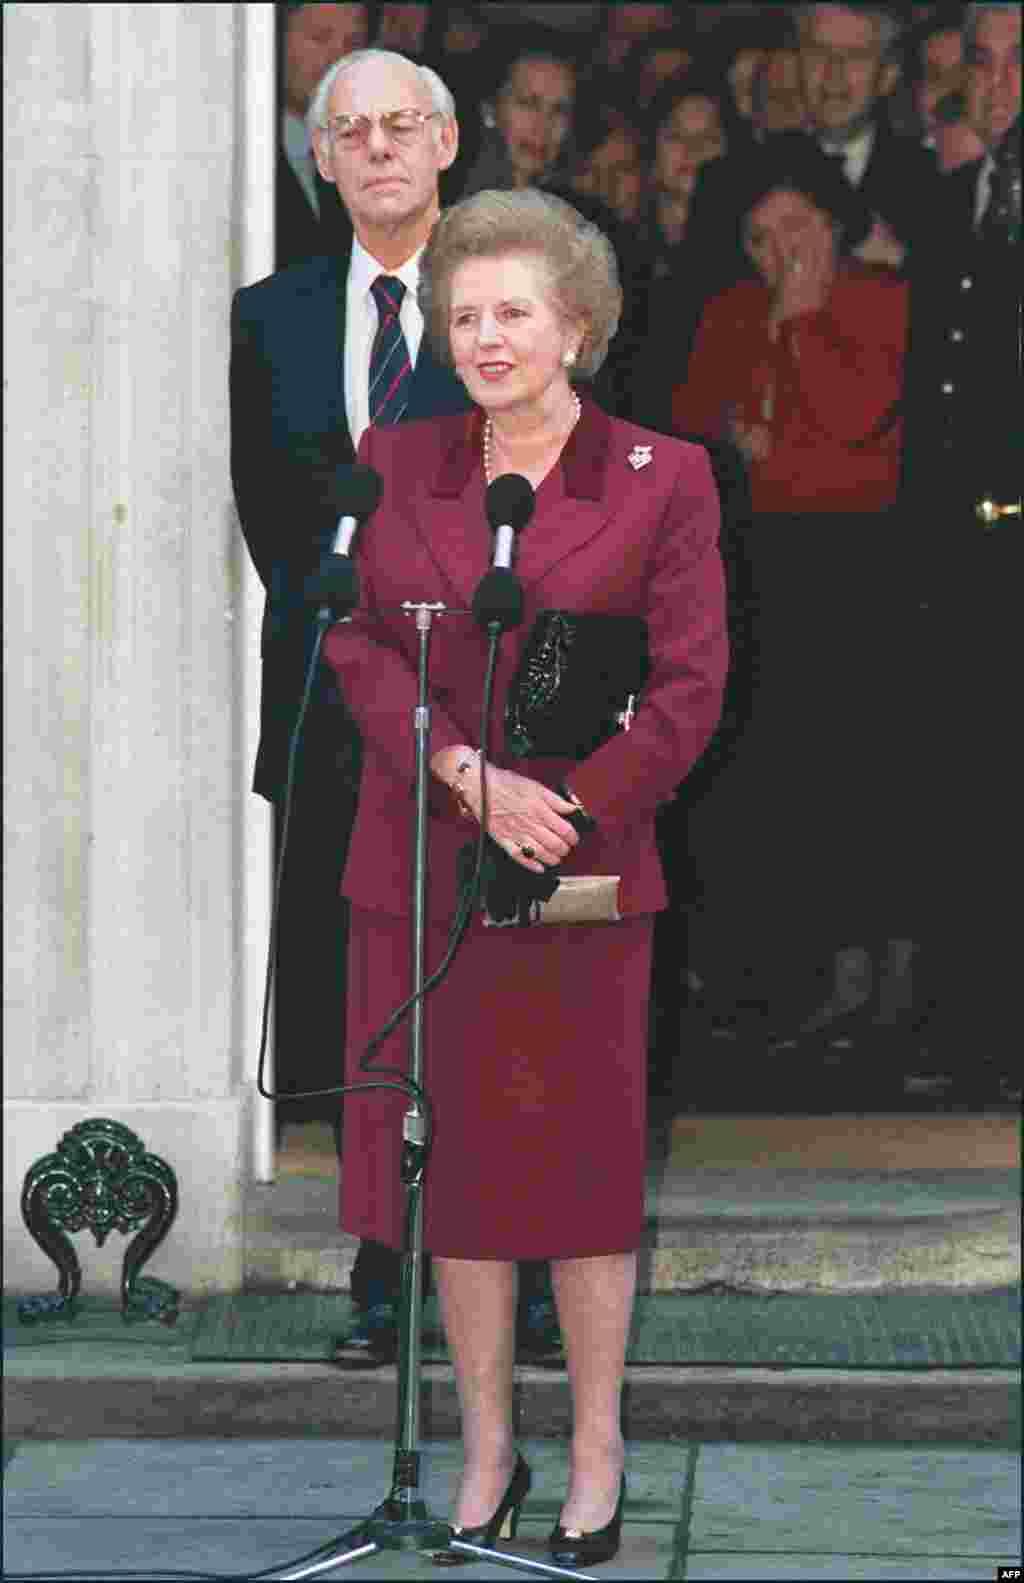 Маргарет Тэтчер ері Дениспен бірге журналистердің алдына соңғы рет ресми тұлға ретінде шығып тұр. Лондон, 1990 жылдың қарашасы.